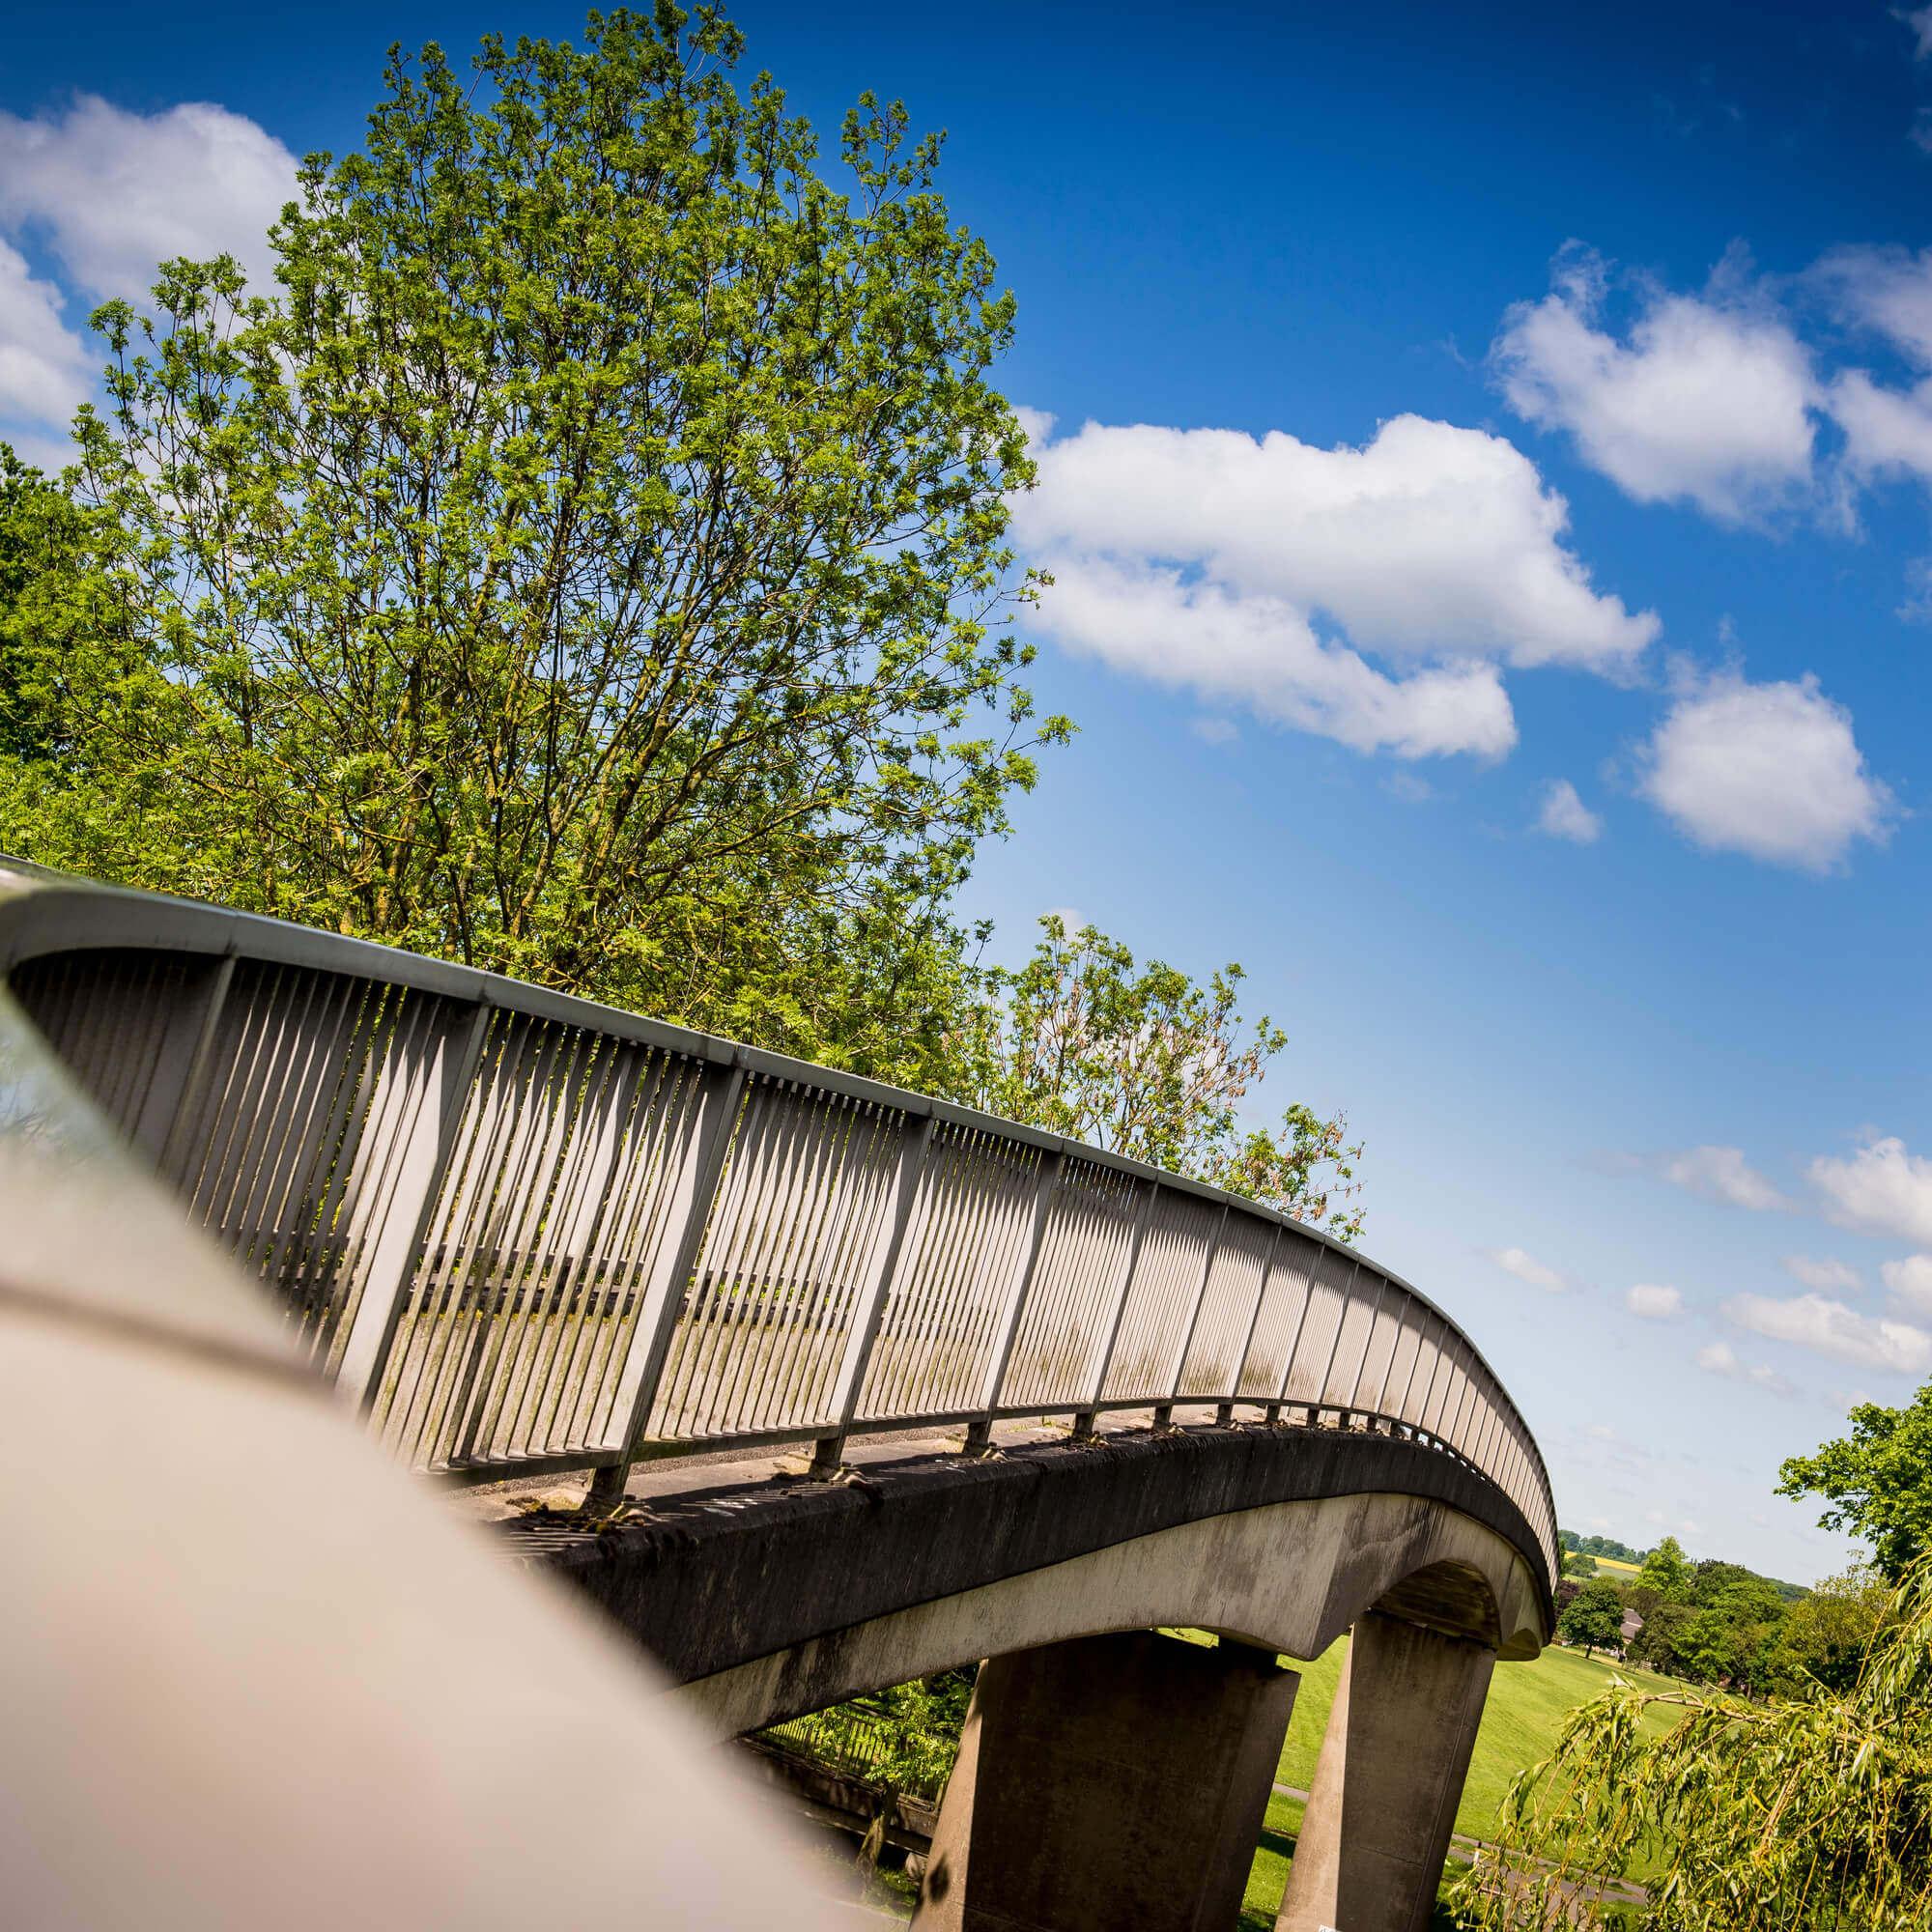 Bridge on a38